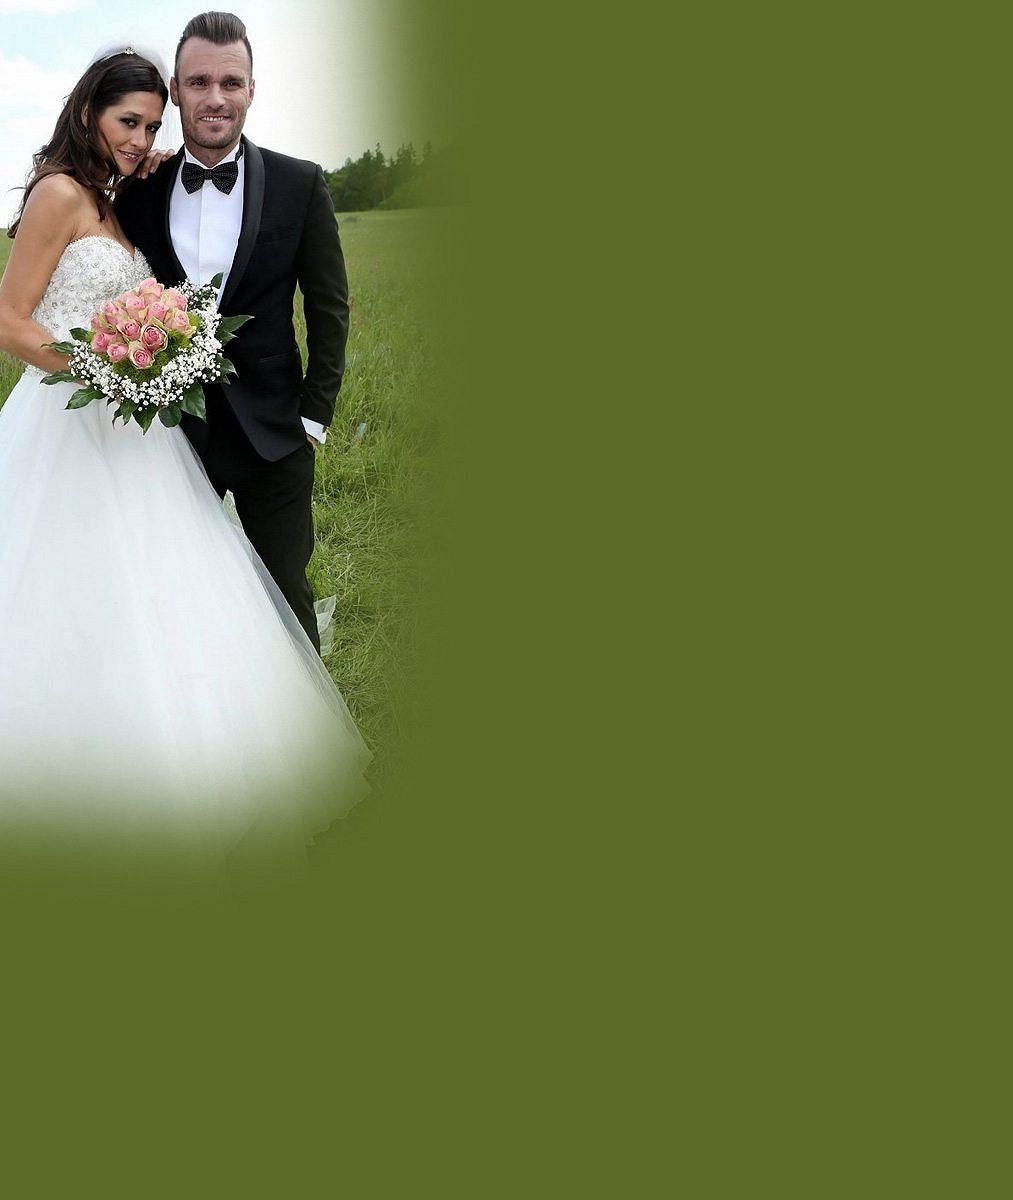 Petra Faltýnová intimně: Co si myslí o nové Leošově lásce a jak jí to klape s americkým miliardářem?